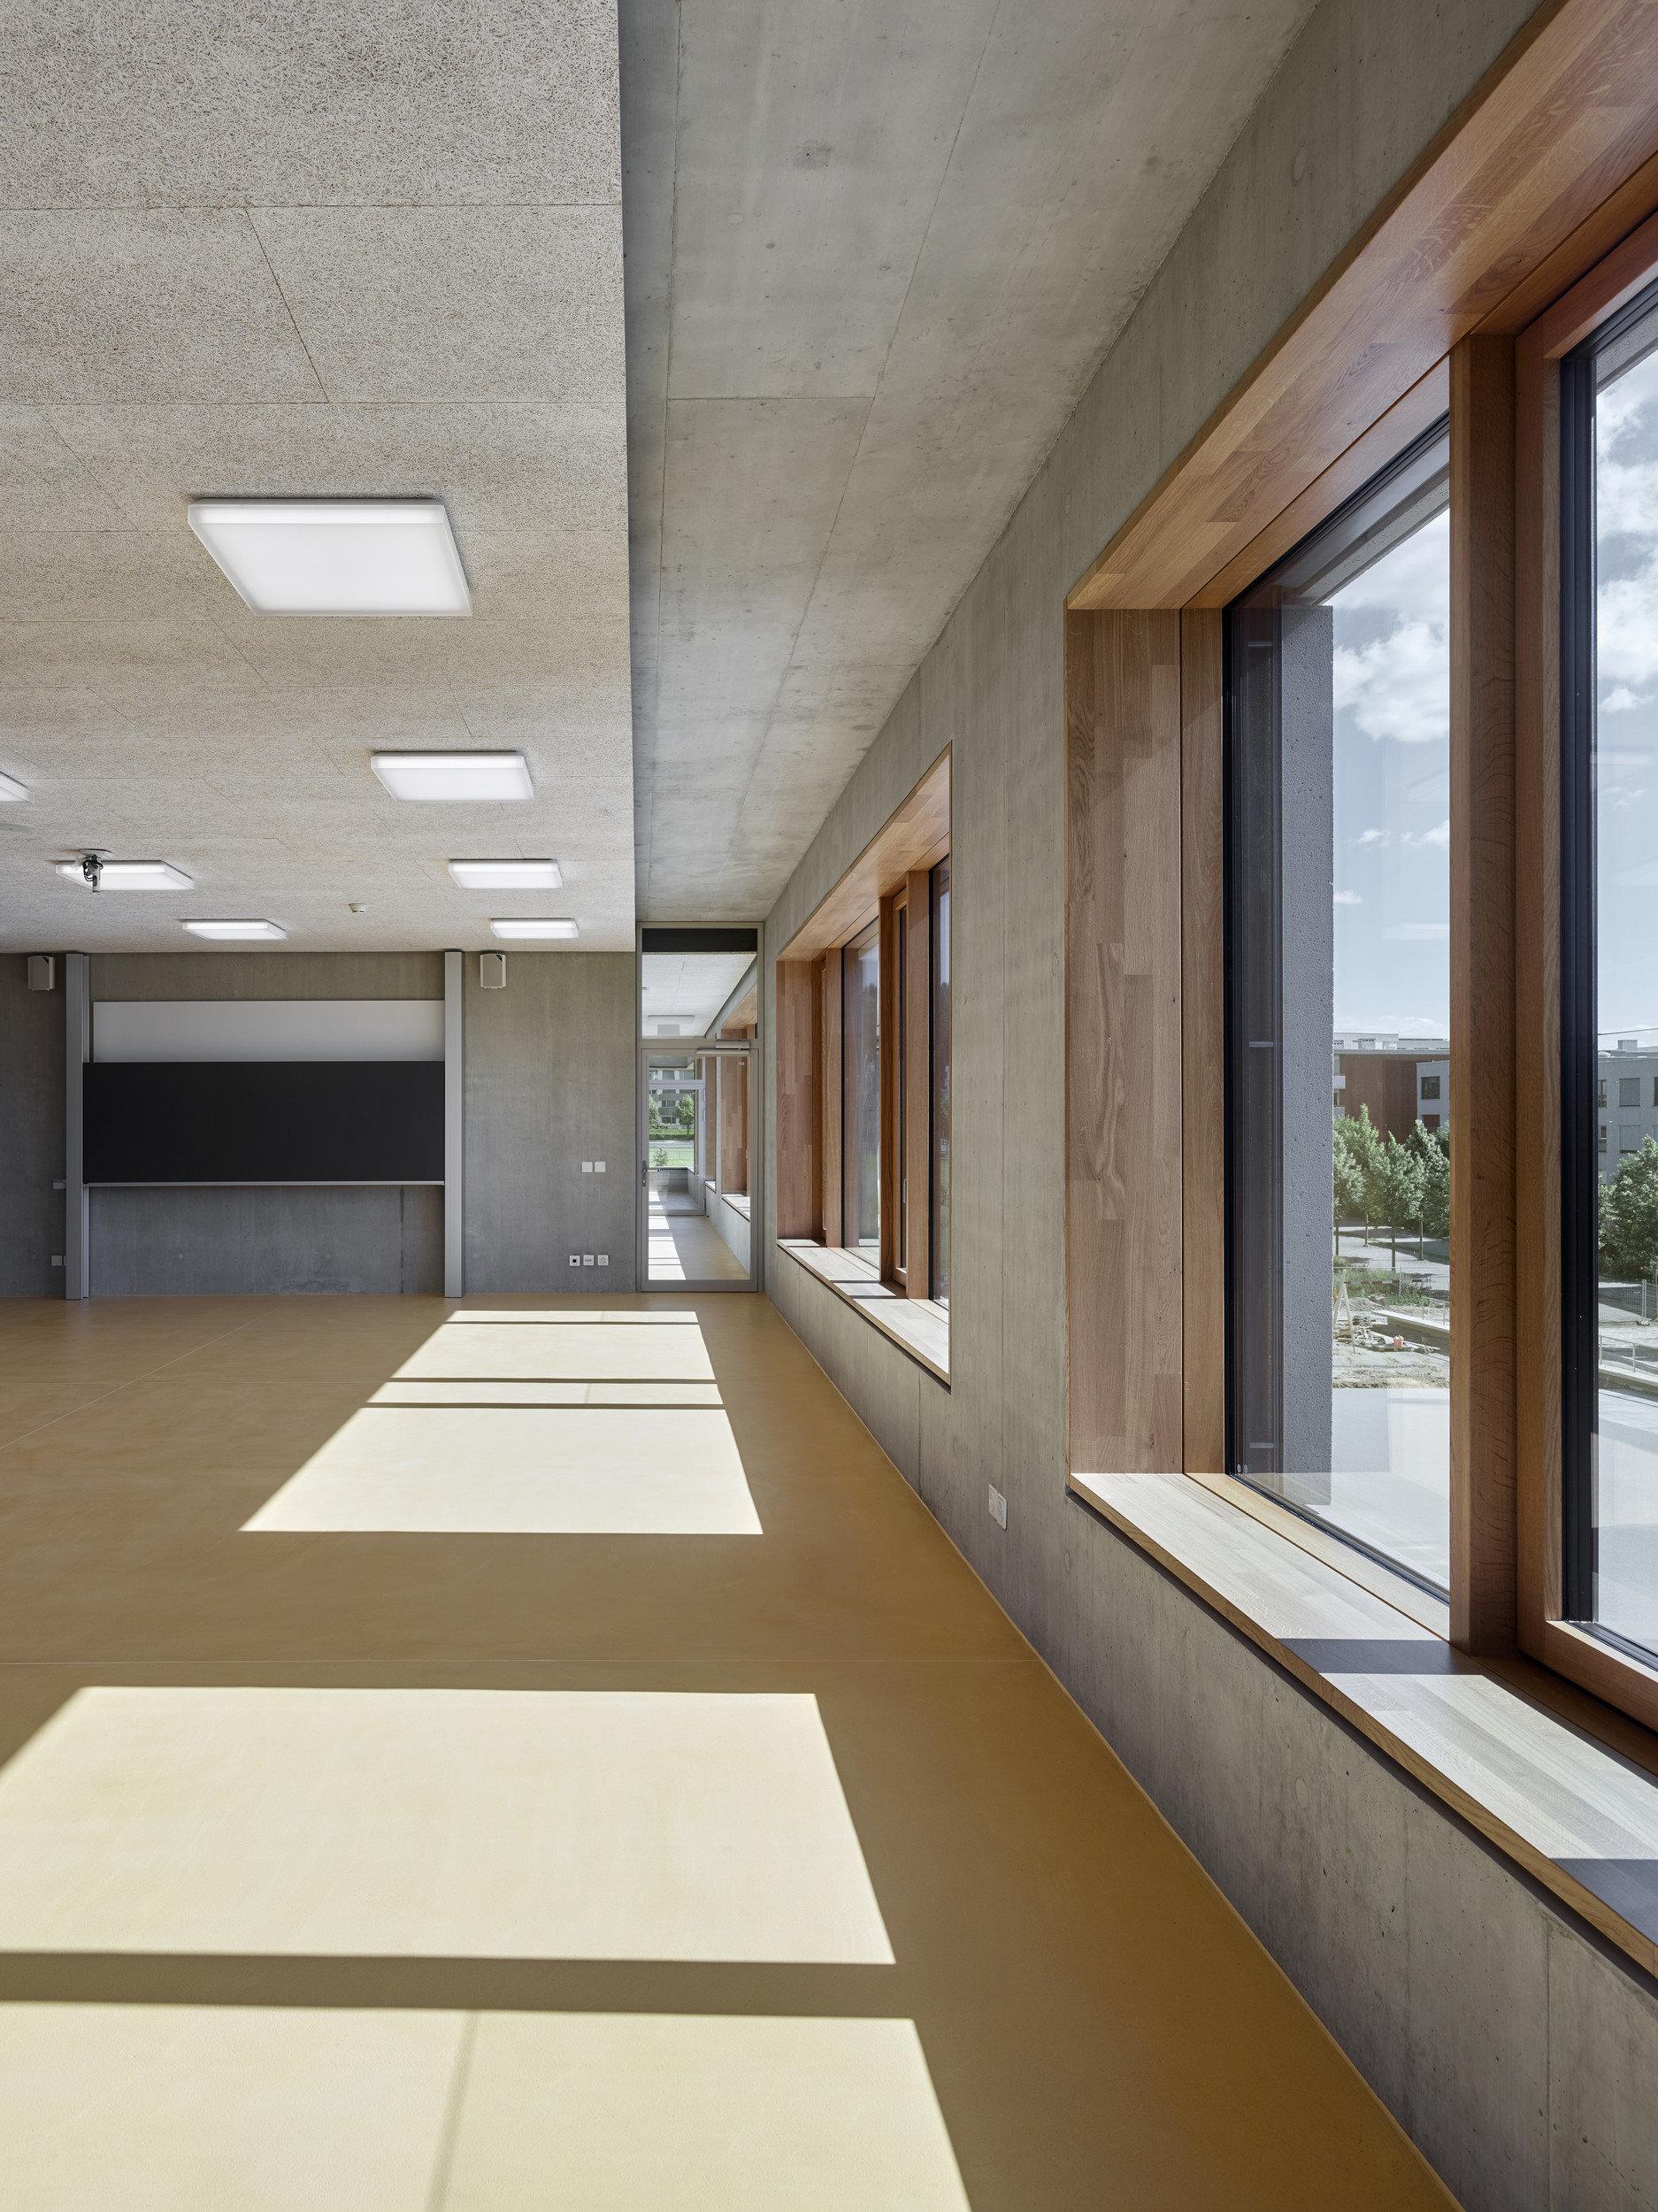 Fenster mit Rafflamellenstoren und innerer Leibung aus Eiche